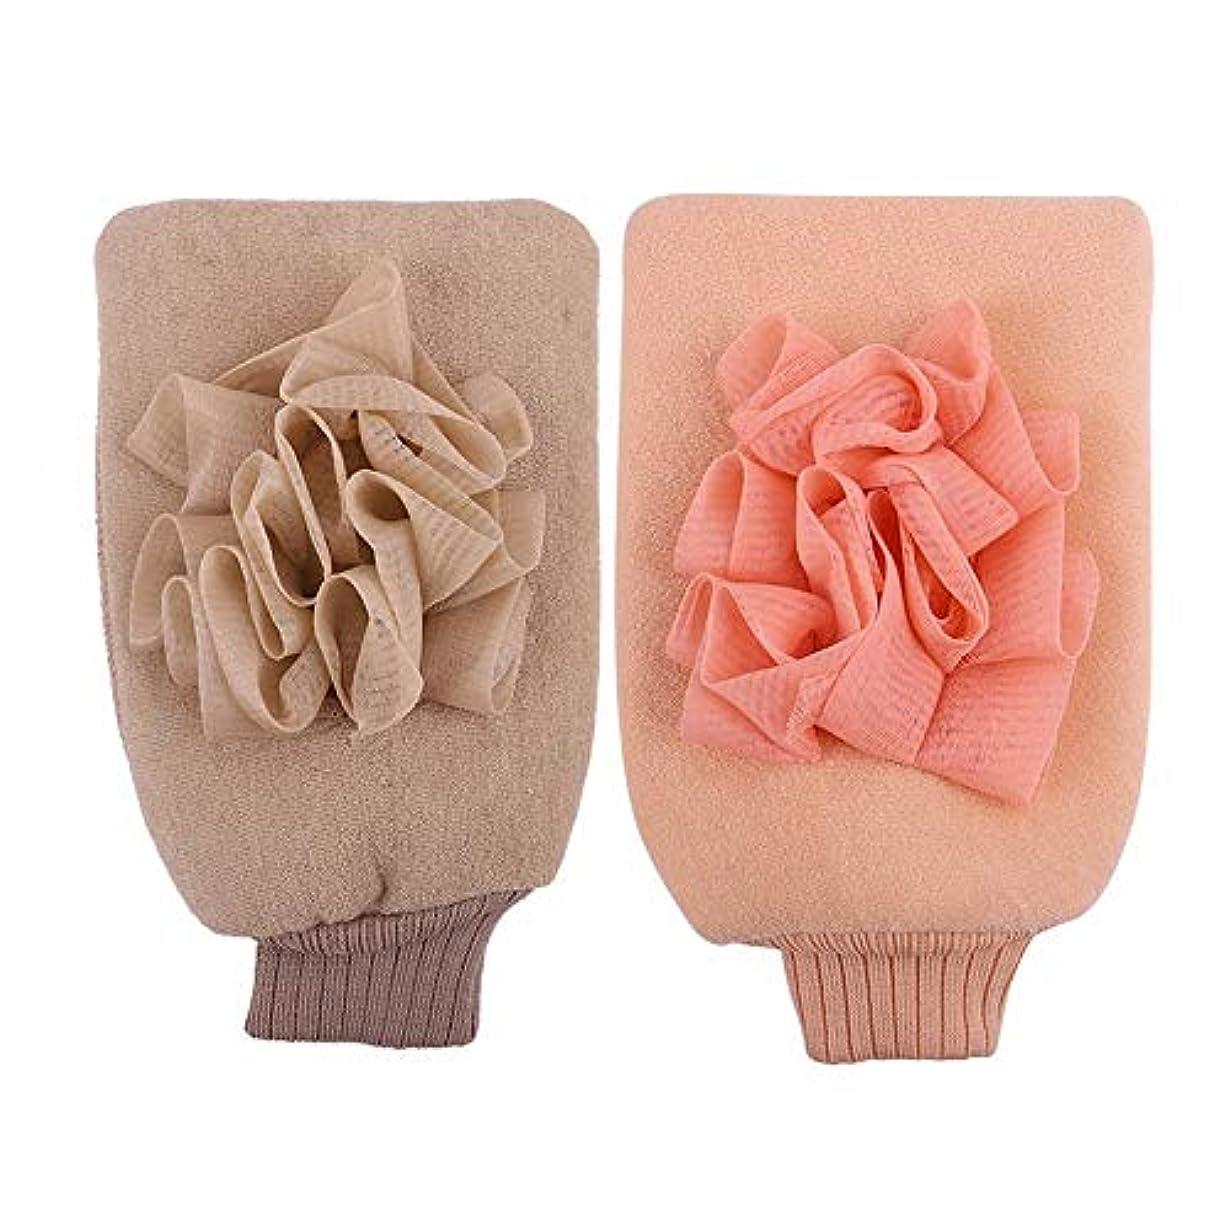 ギャザーティッシュ後世BTXXYJP お風呂用手袋 シャワー手袋 あかすり手袋 ボディブラシ やわらか ボディタオル バス用品 男女兼用 角質除去 (Color : Pink+beige)